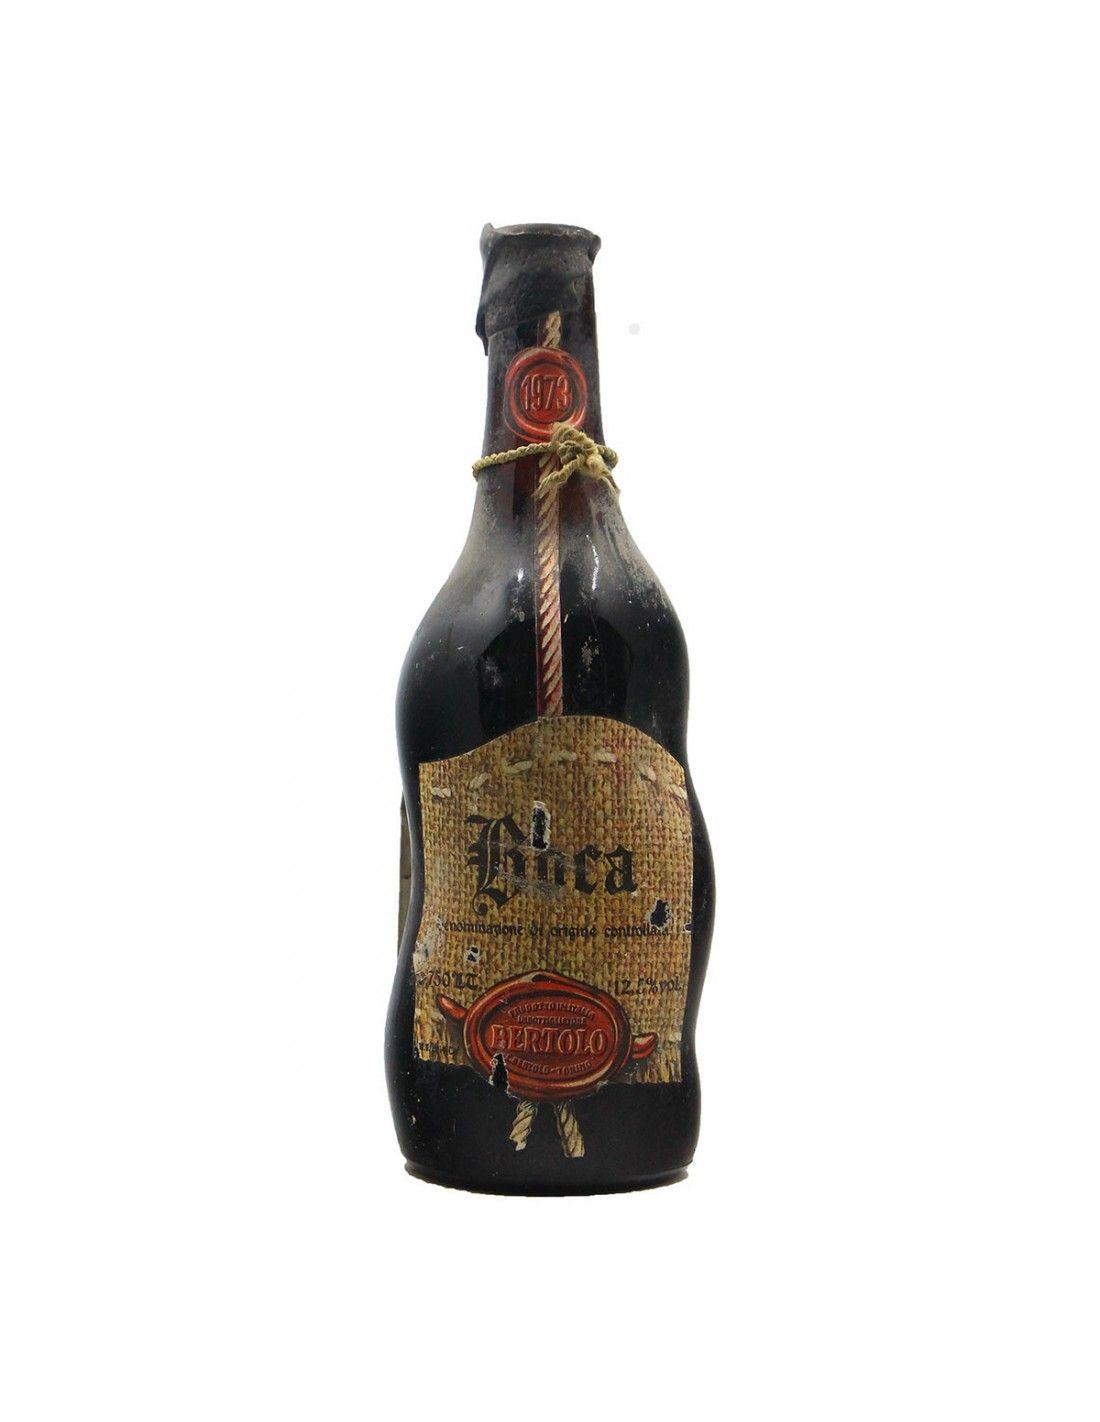 BOCA 1973 BERTOLO Grandi Bottiglie